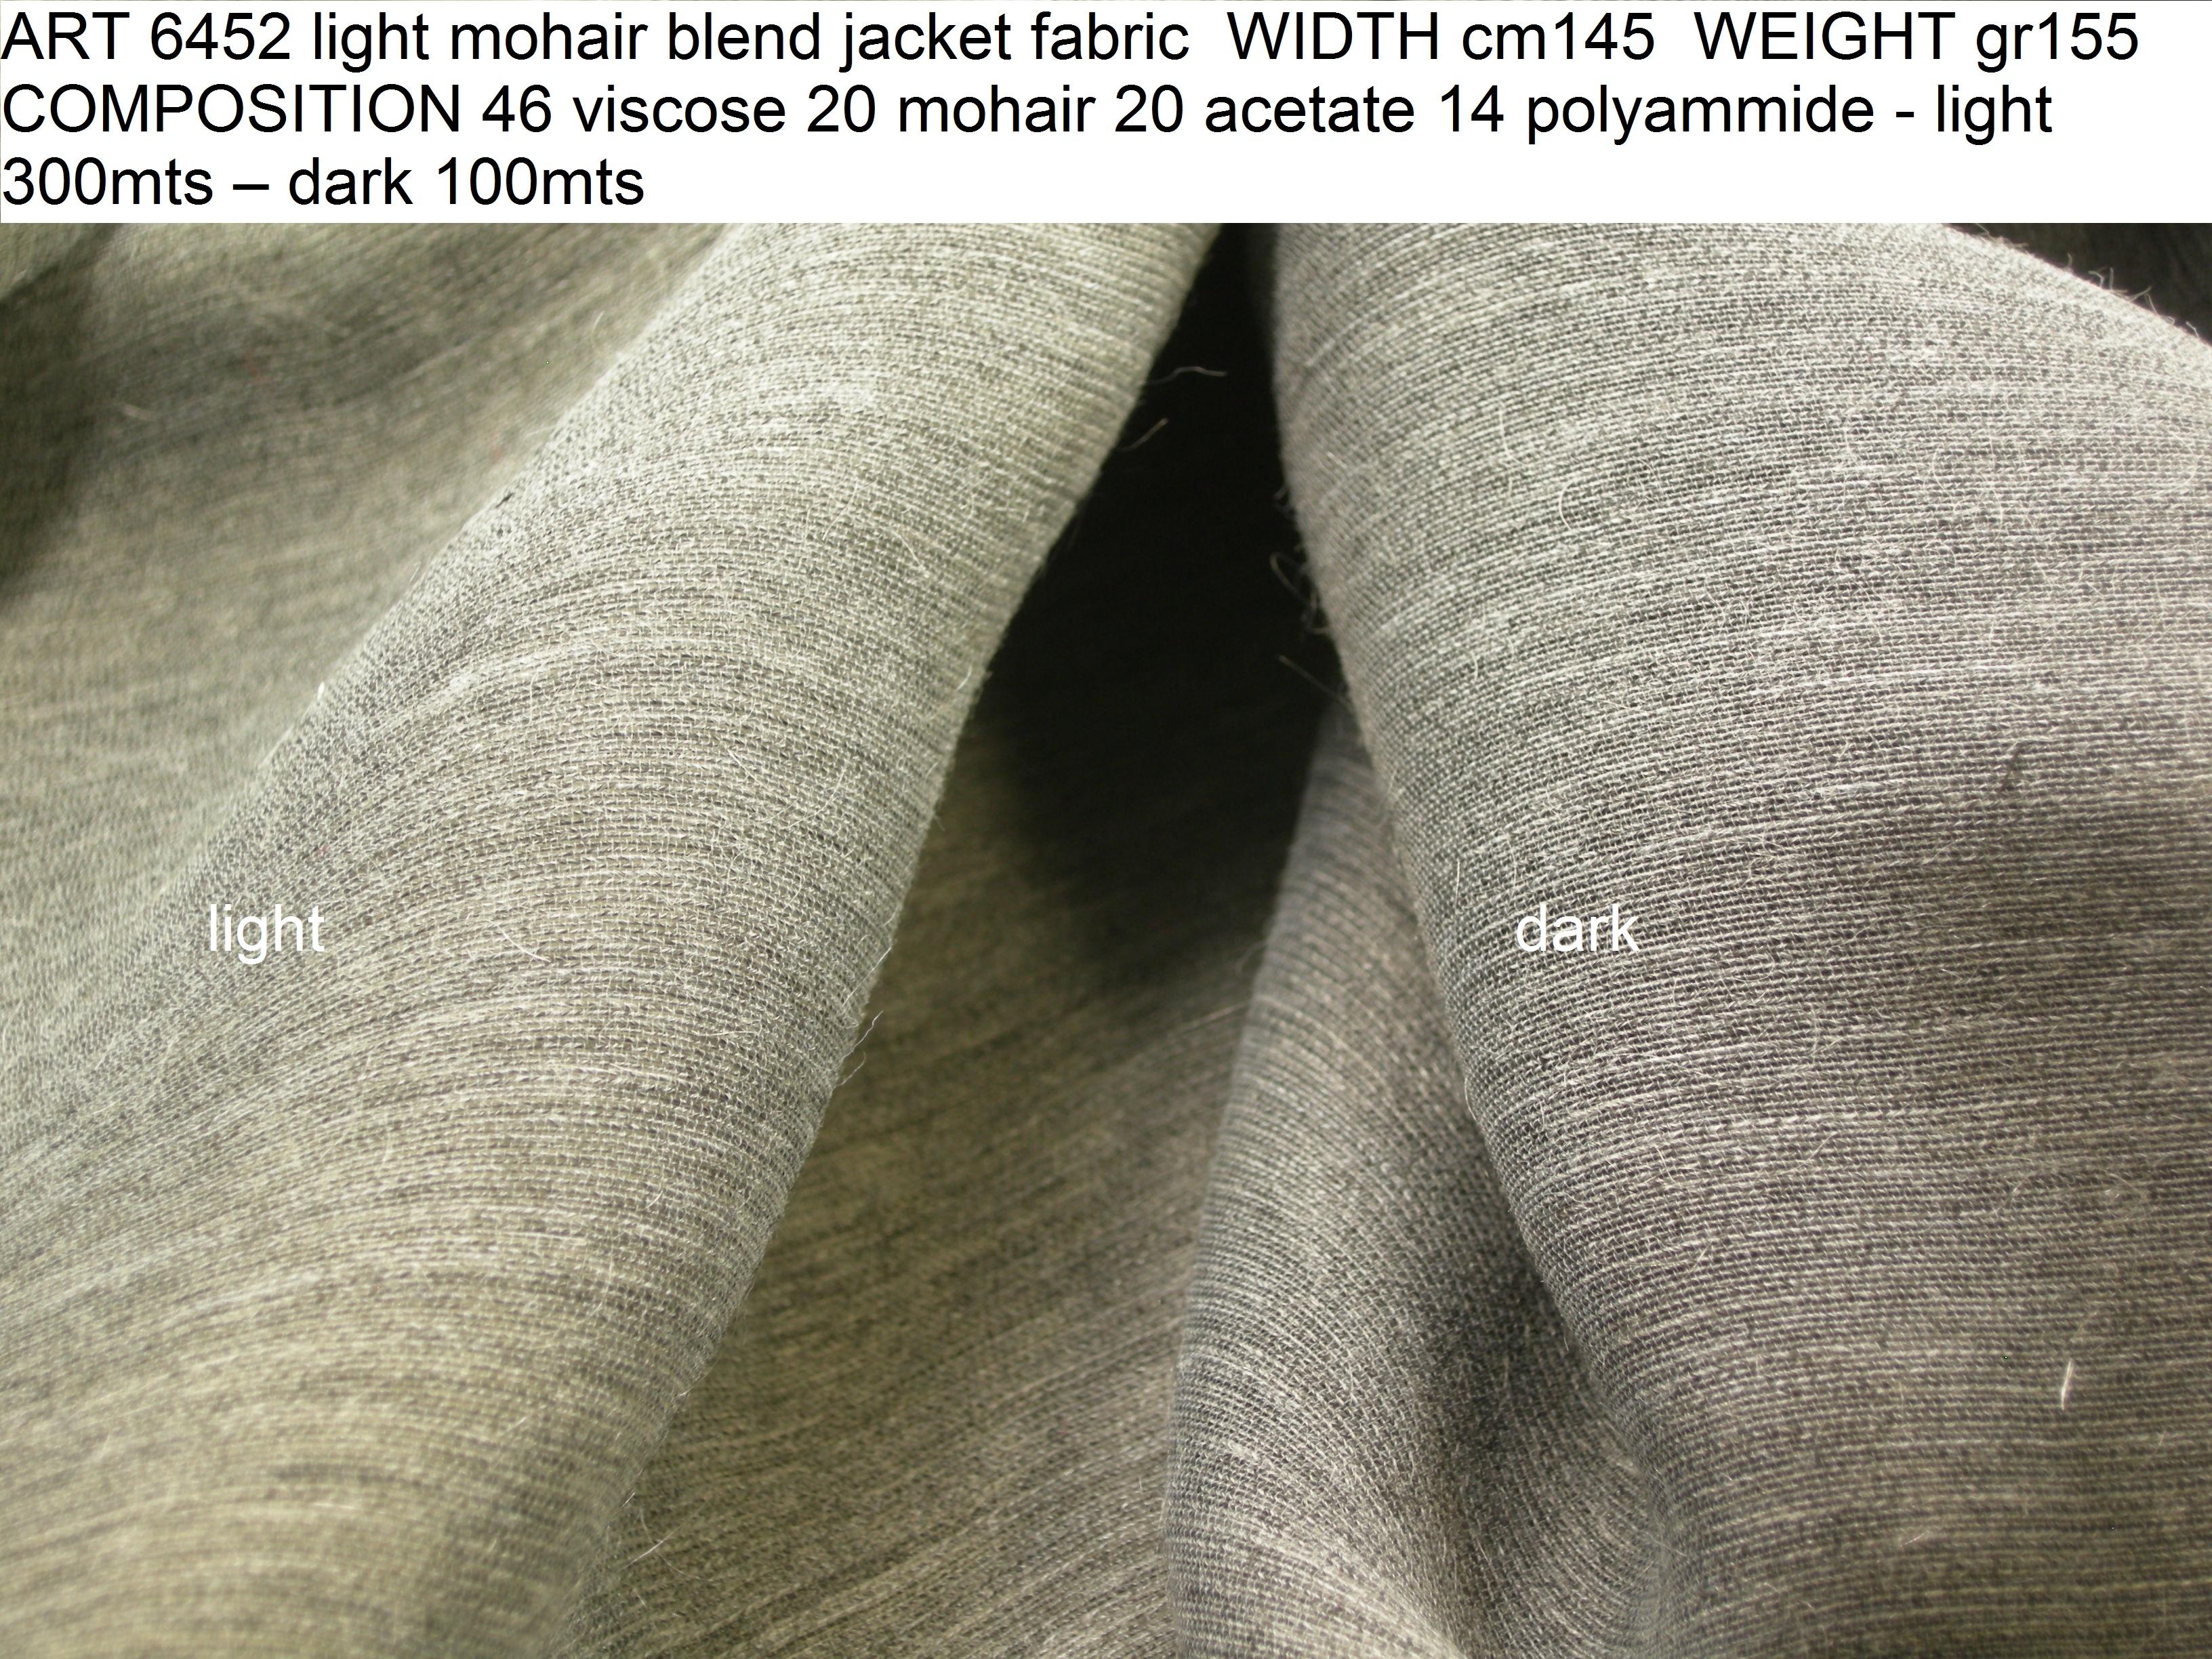 ART 6452 light mohair blend jacket fabric WIDTH cm145 WEIGHT gr155 COMPOSITION 46 viscose 20 mohair 20 acetate 14 polyammide - light 300mts – dark 100mts